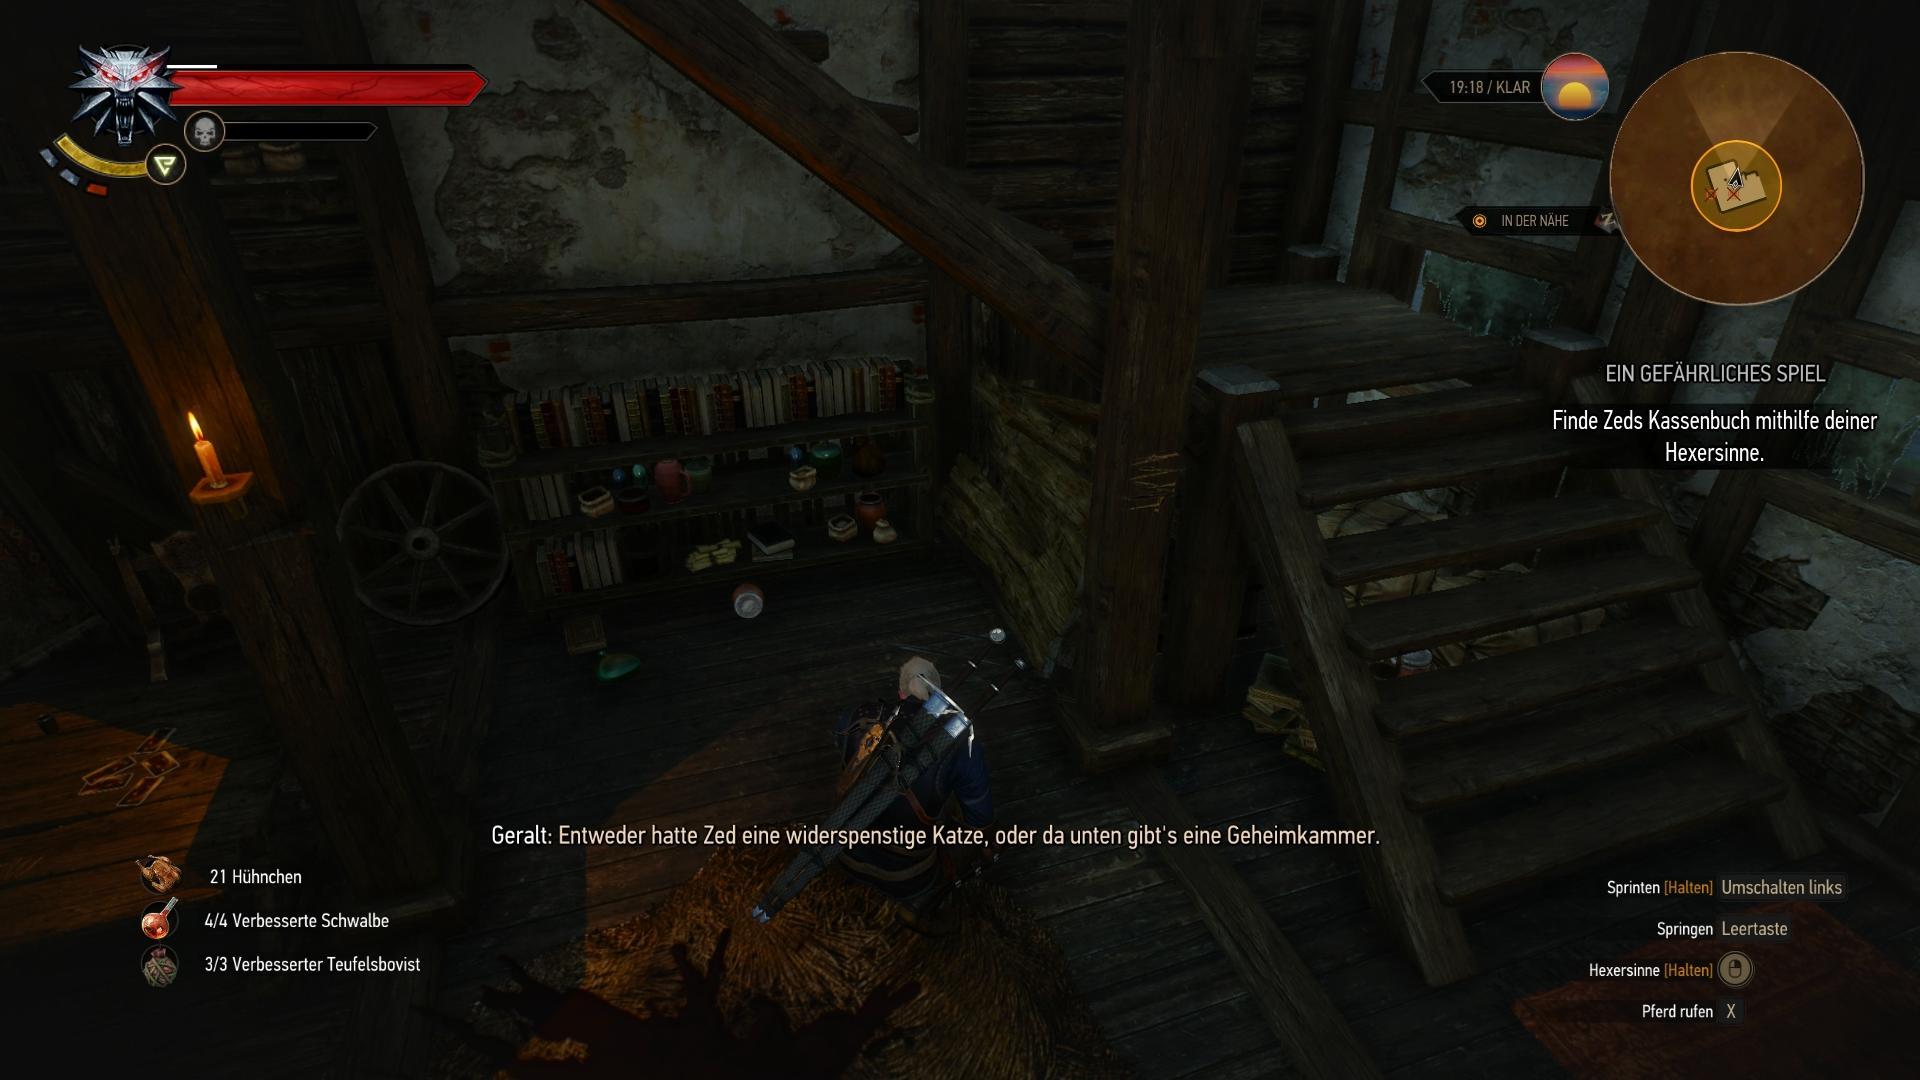 Nebenquest: Ein gefährliches Spiel (A Dangerous Game) | Lösung | The ...